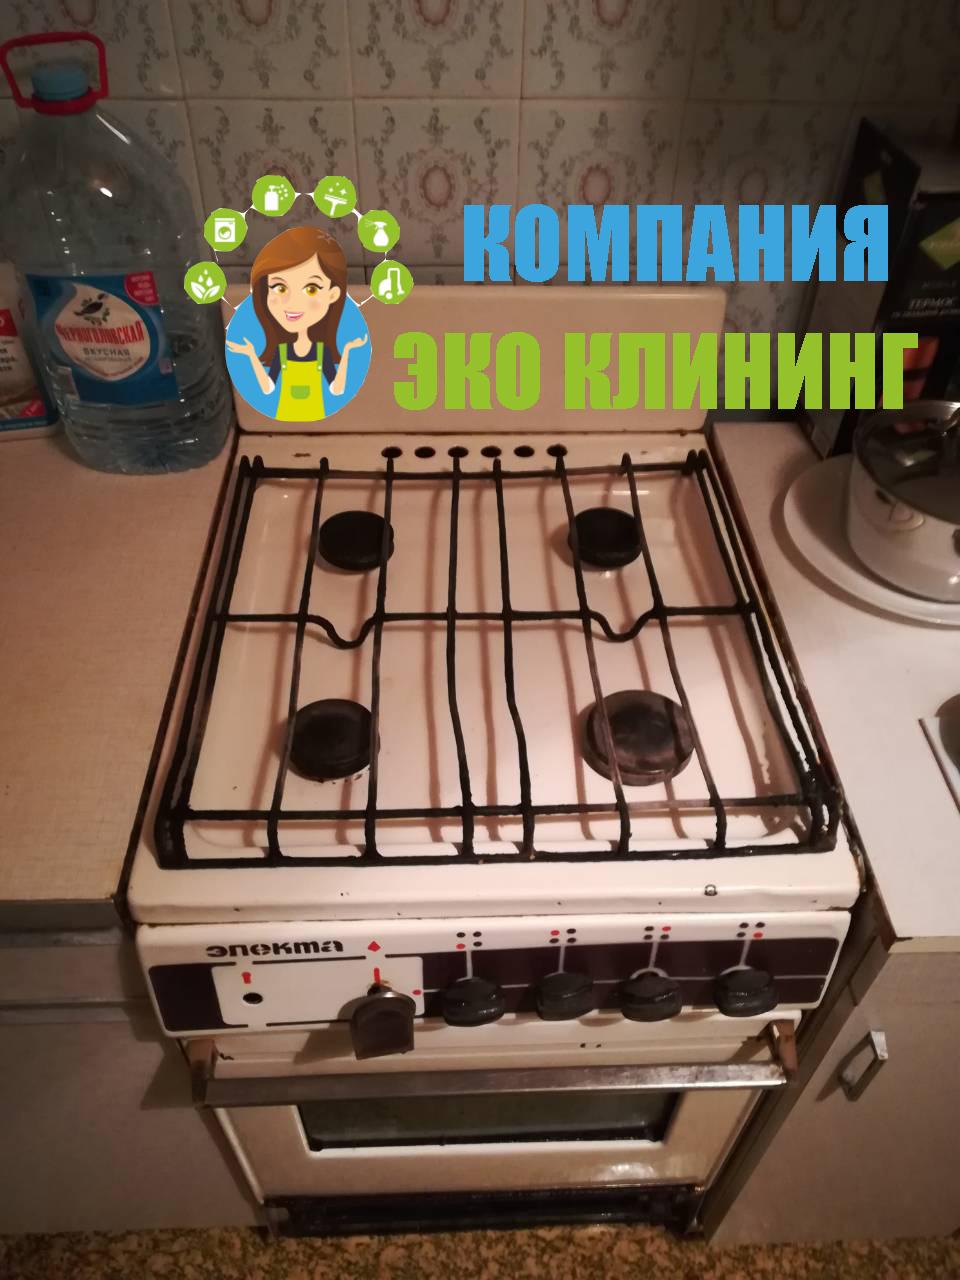 уборка кухни: как отмыть плиту от жира - после уборки